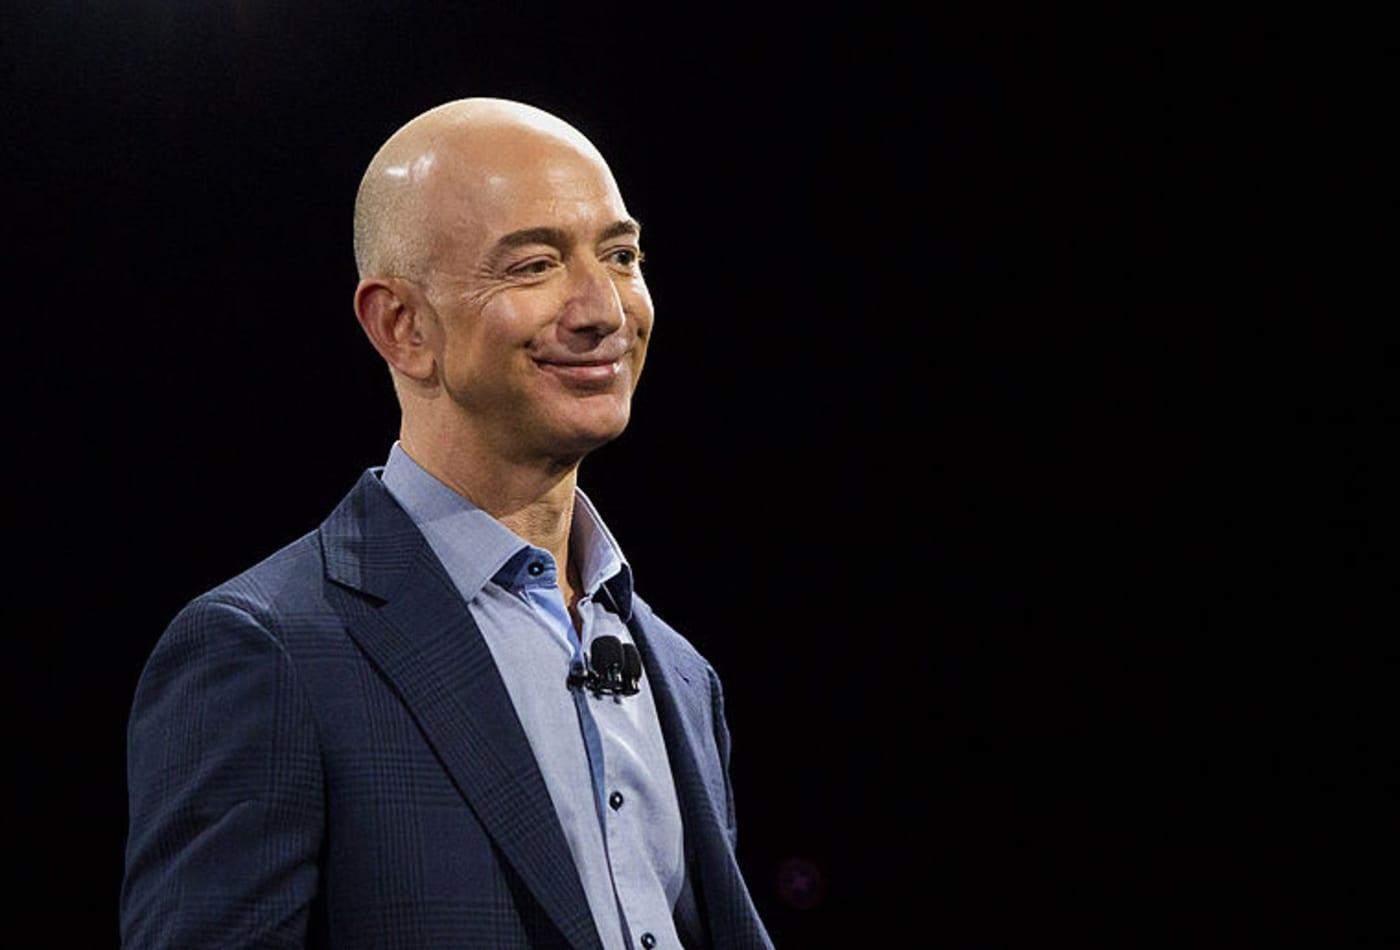 Jeff Bezos hakkında bilgiler